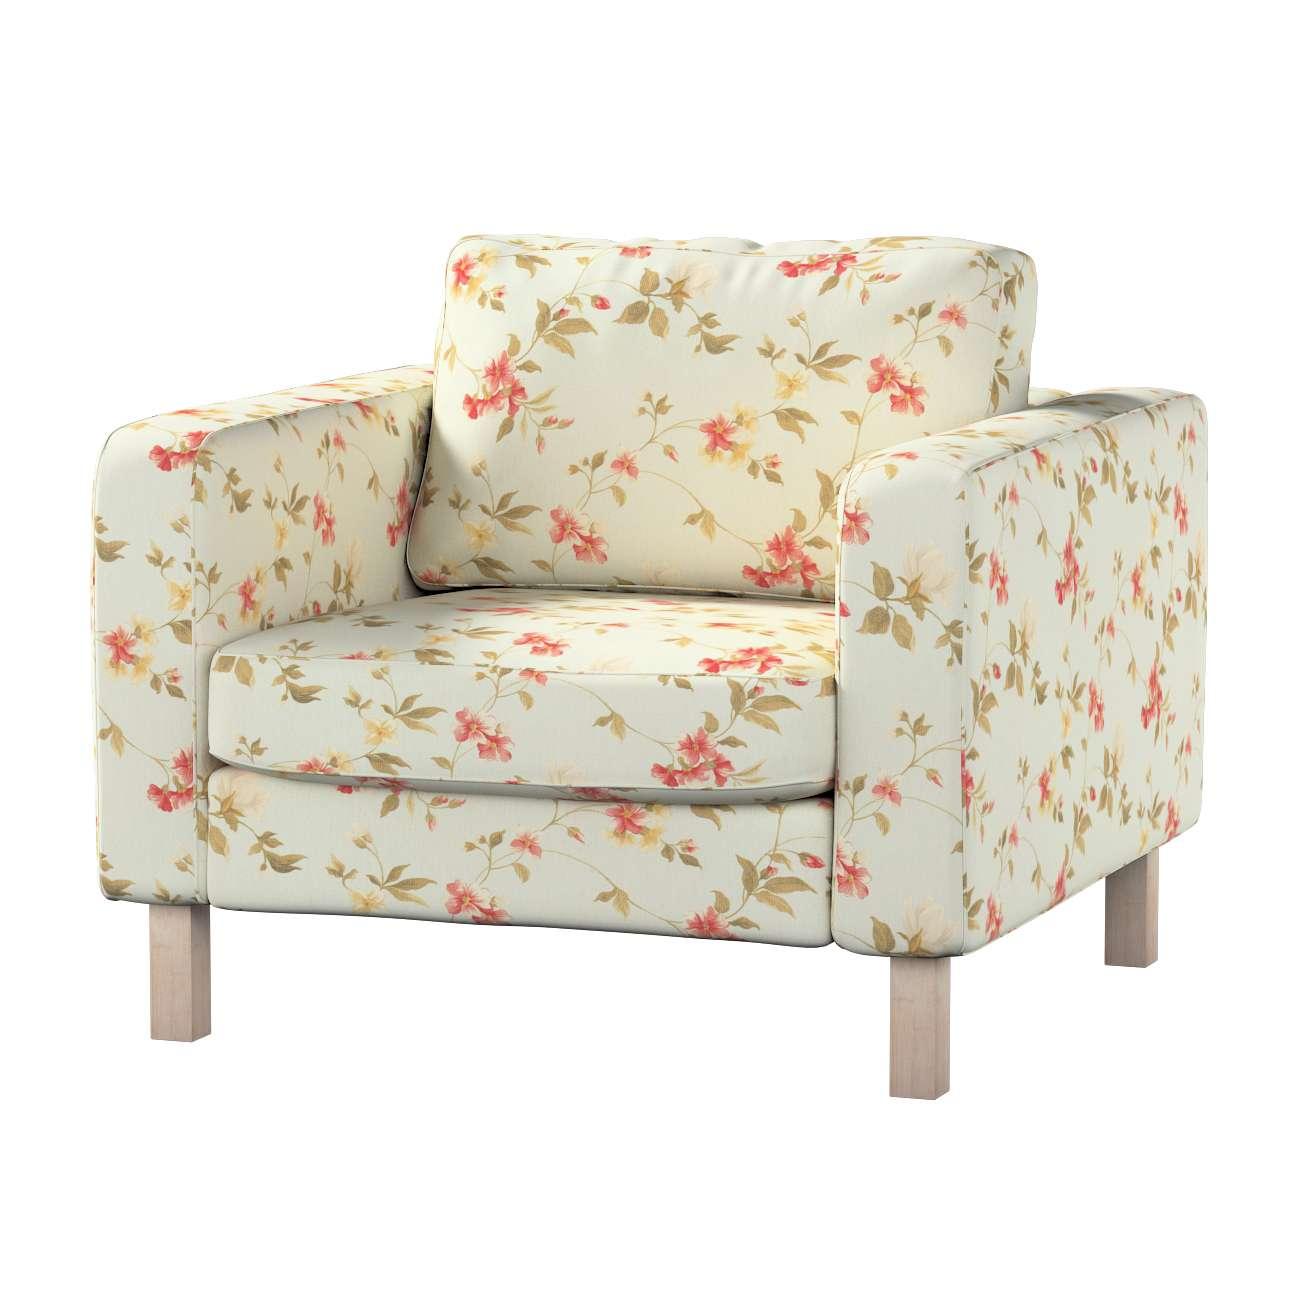 Karlstad fotelio užvalkalas Karlstad fotelio užvalkalas kolekcijoje Londres, audinys: 124-65